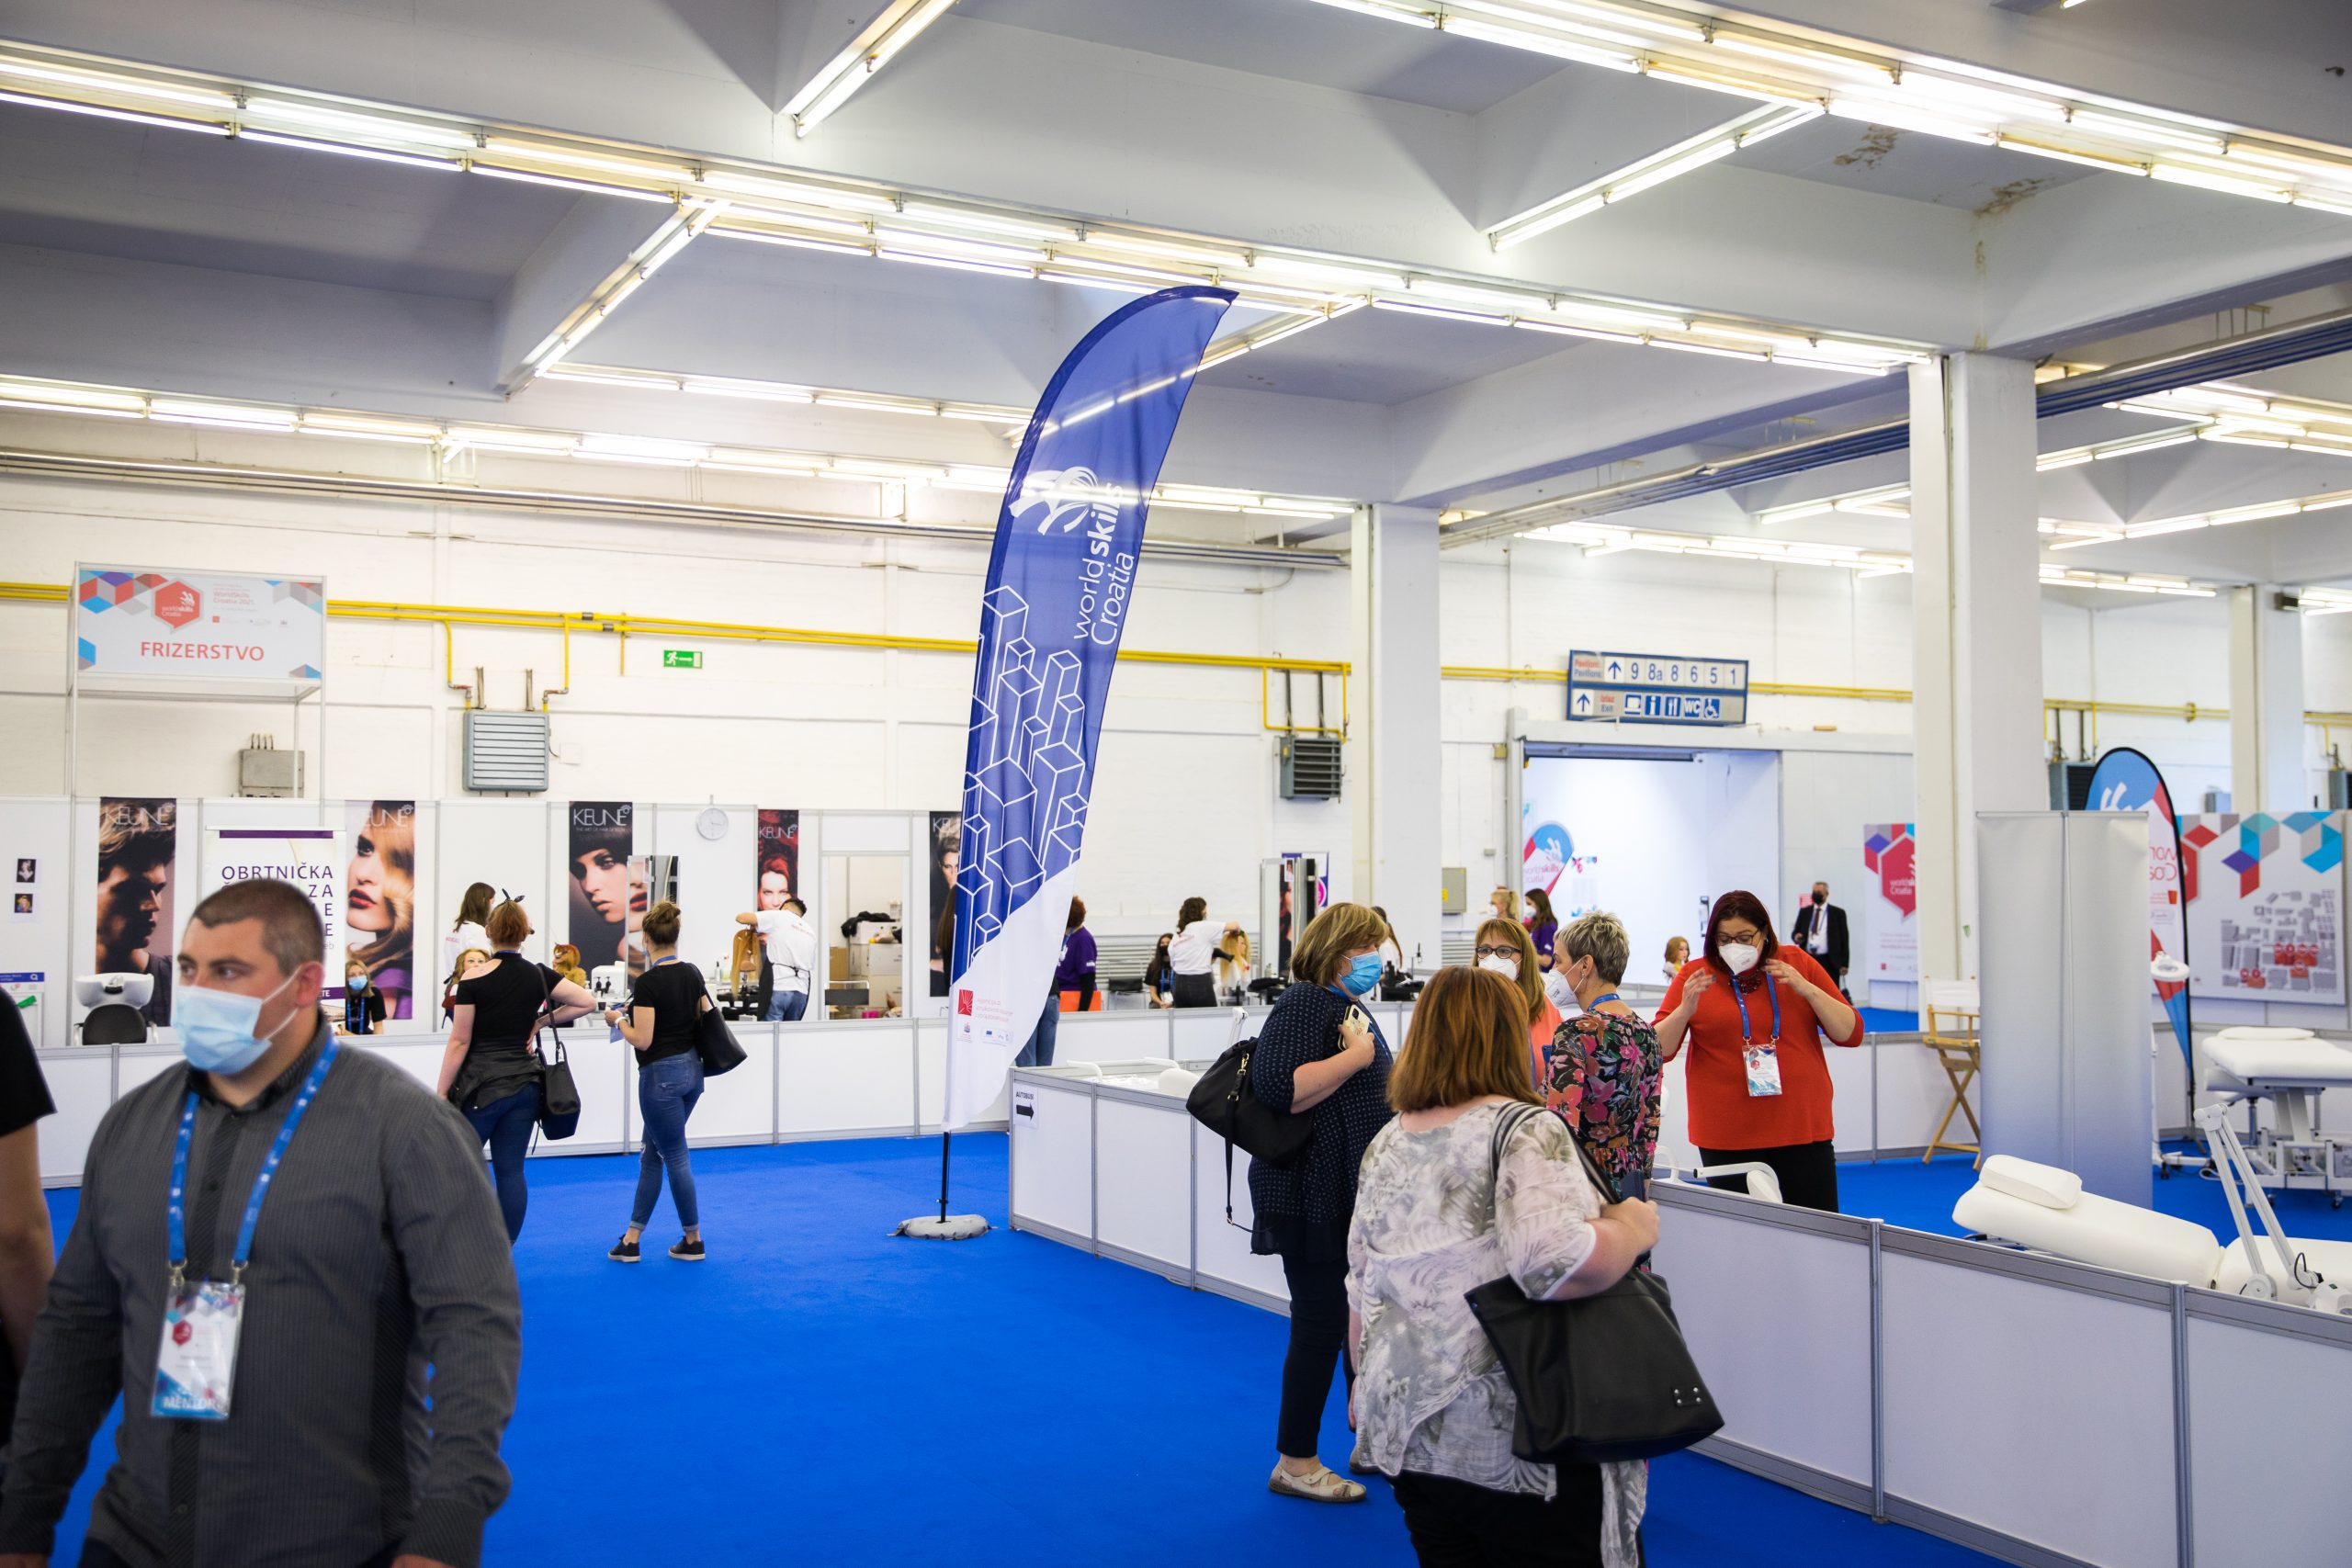 Otvorene prijave za škole koje su iskazale interes za sudjelovanje u WorldSkills Croatia 2022. natjecanju